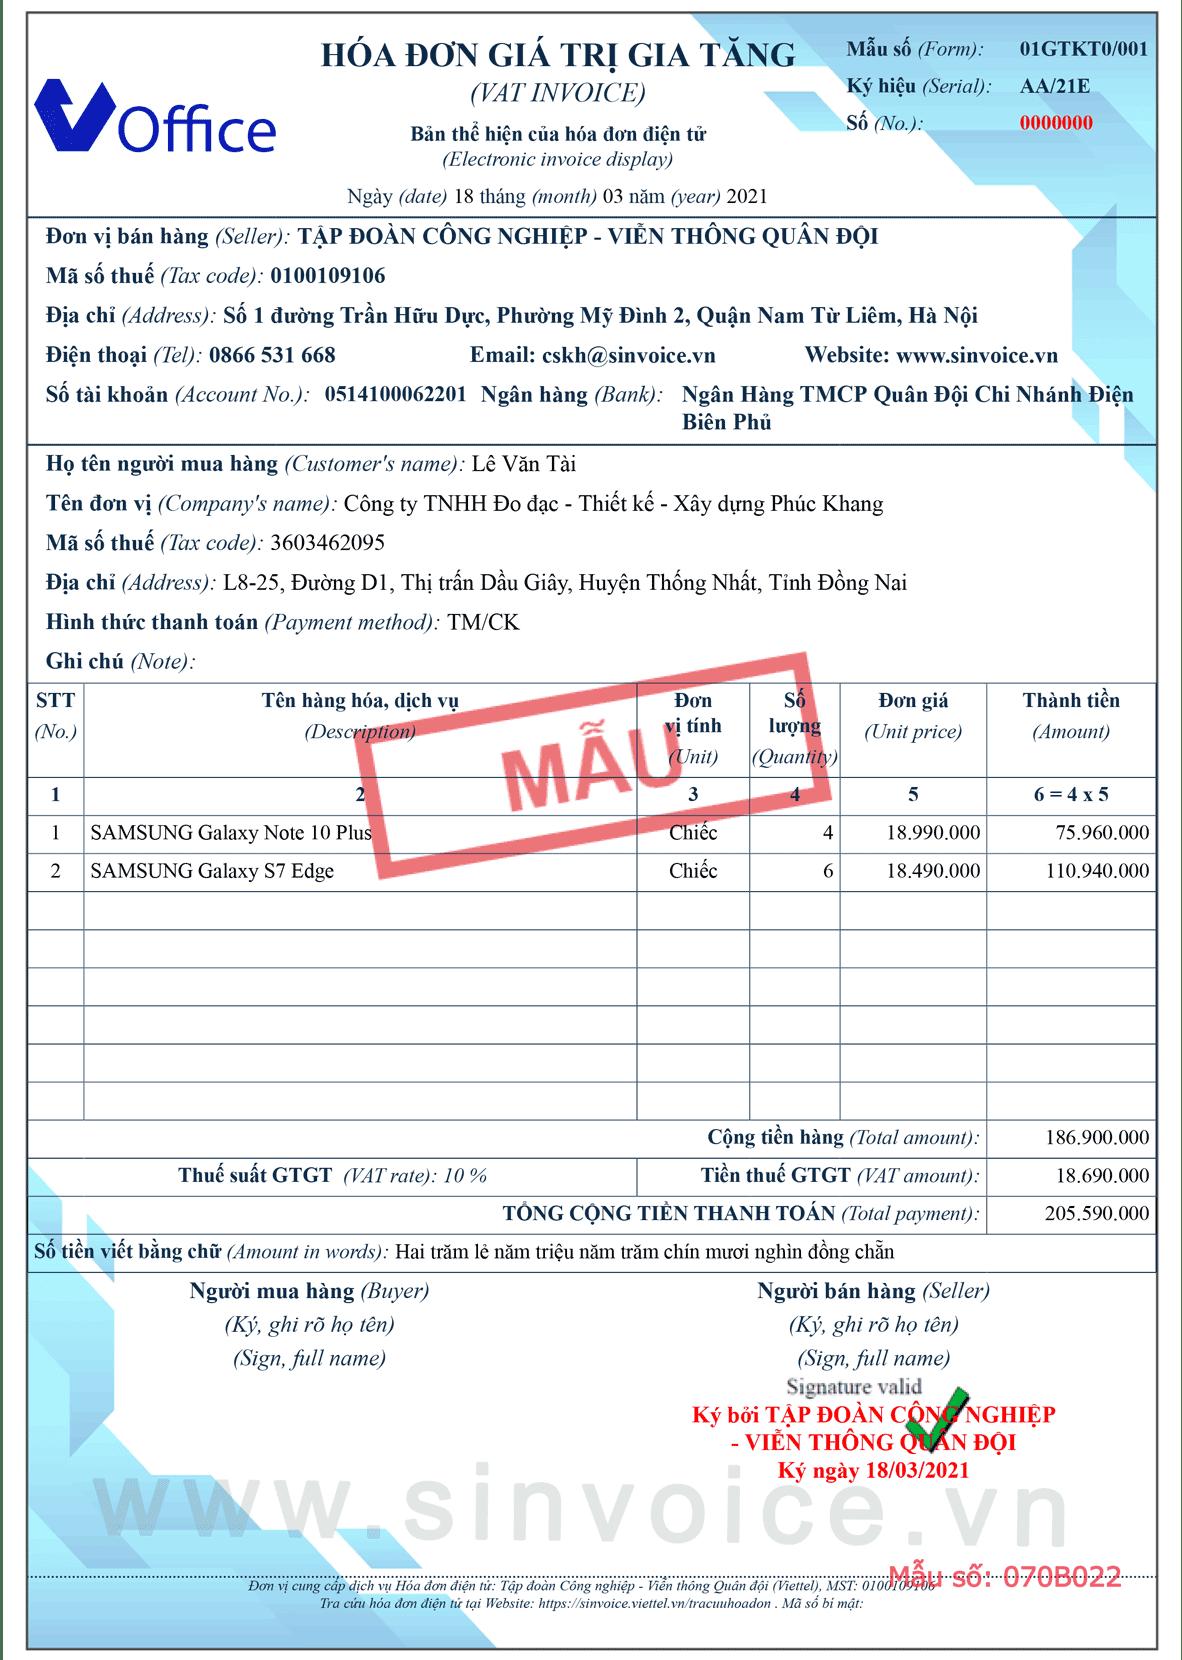 Mẫu hóa đơn điện tử số 070B022